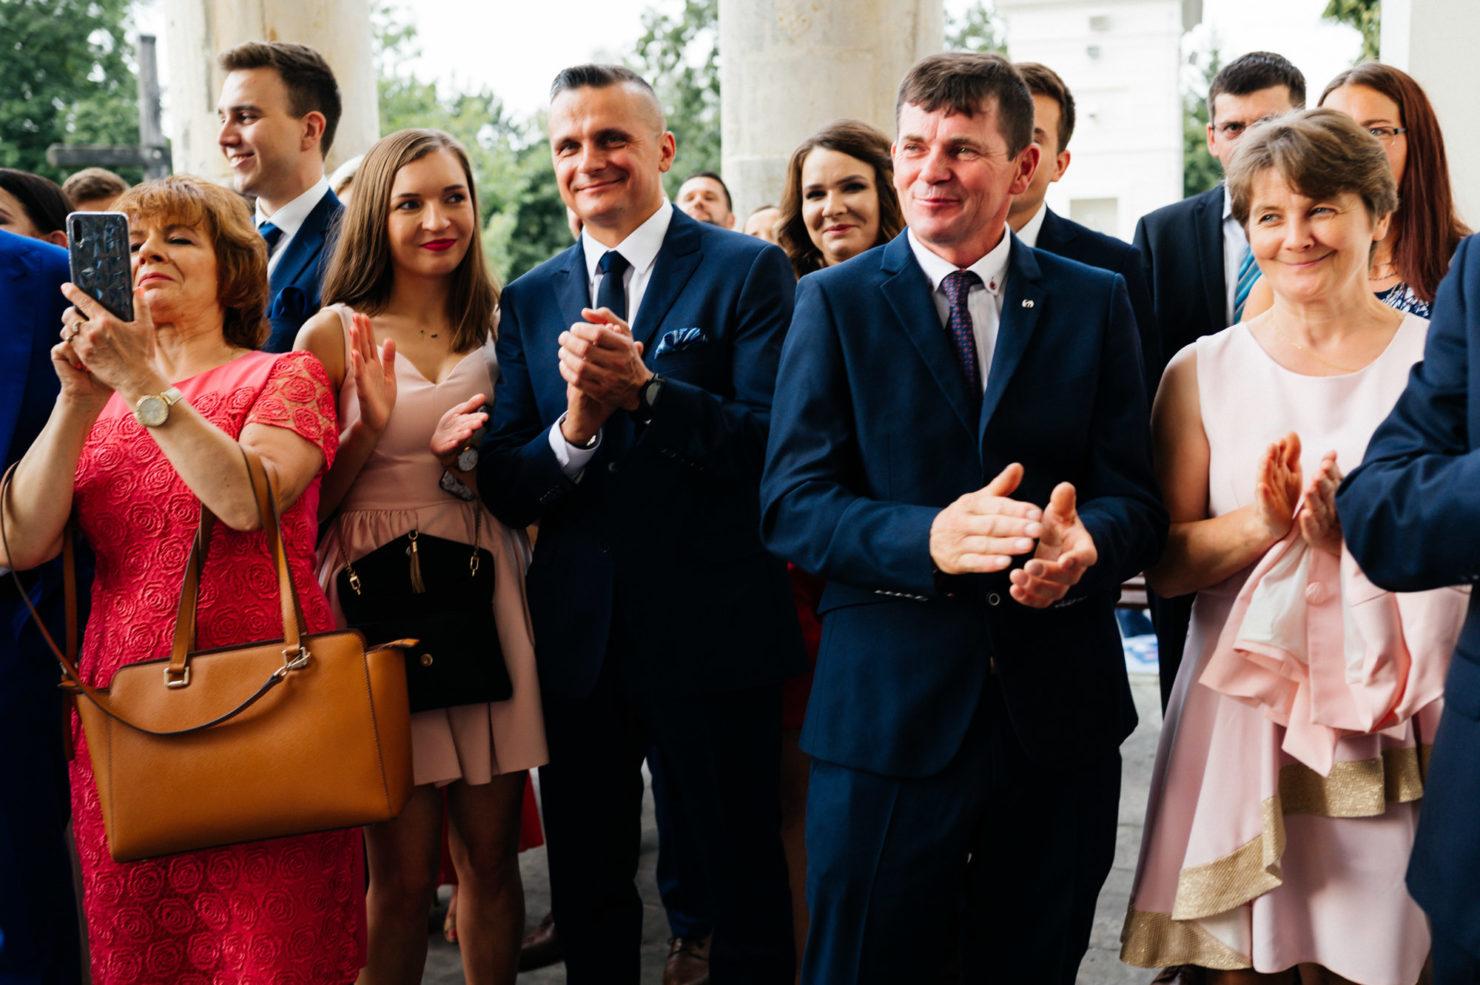 Martyna i Łukasz - Wesele w Gościńcu nad Wisłą - Wesele w Gościńcu nad Wisłą w Puławach